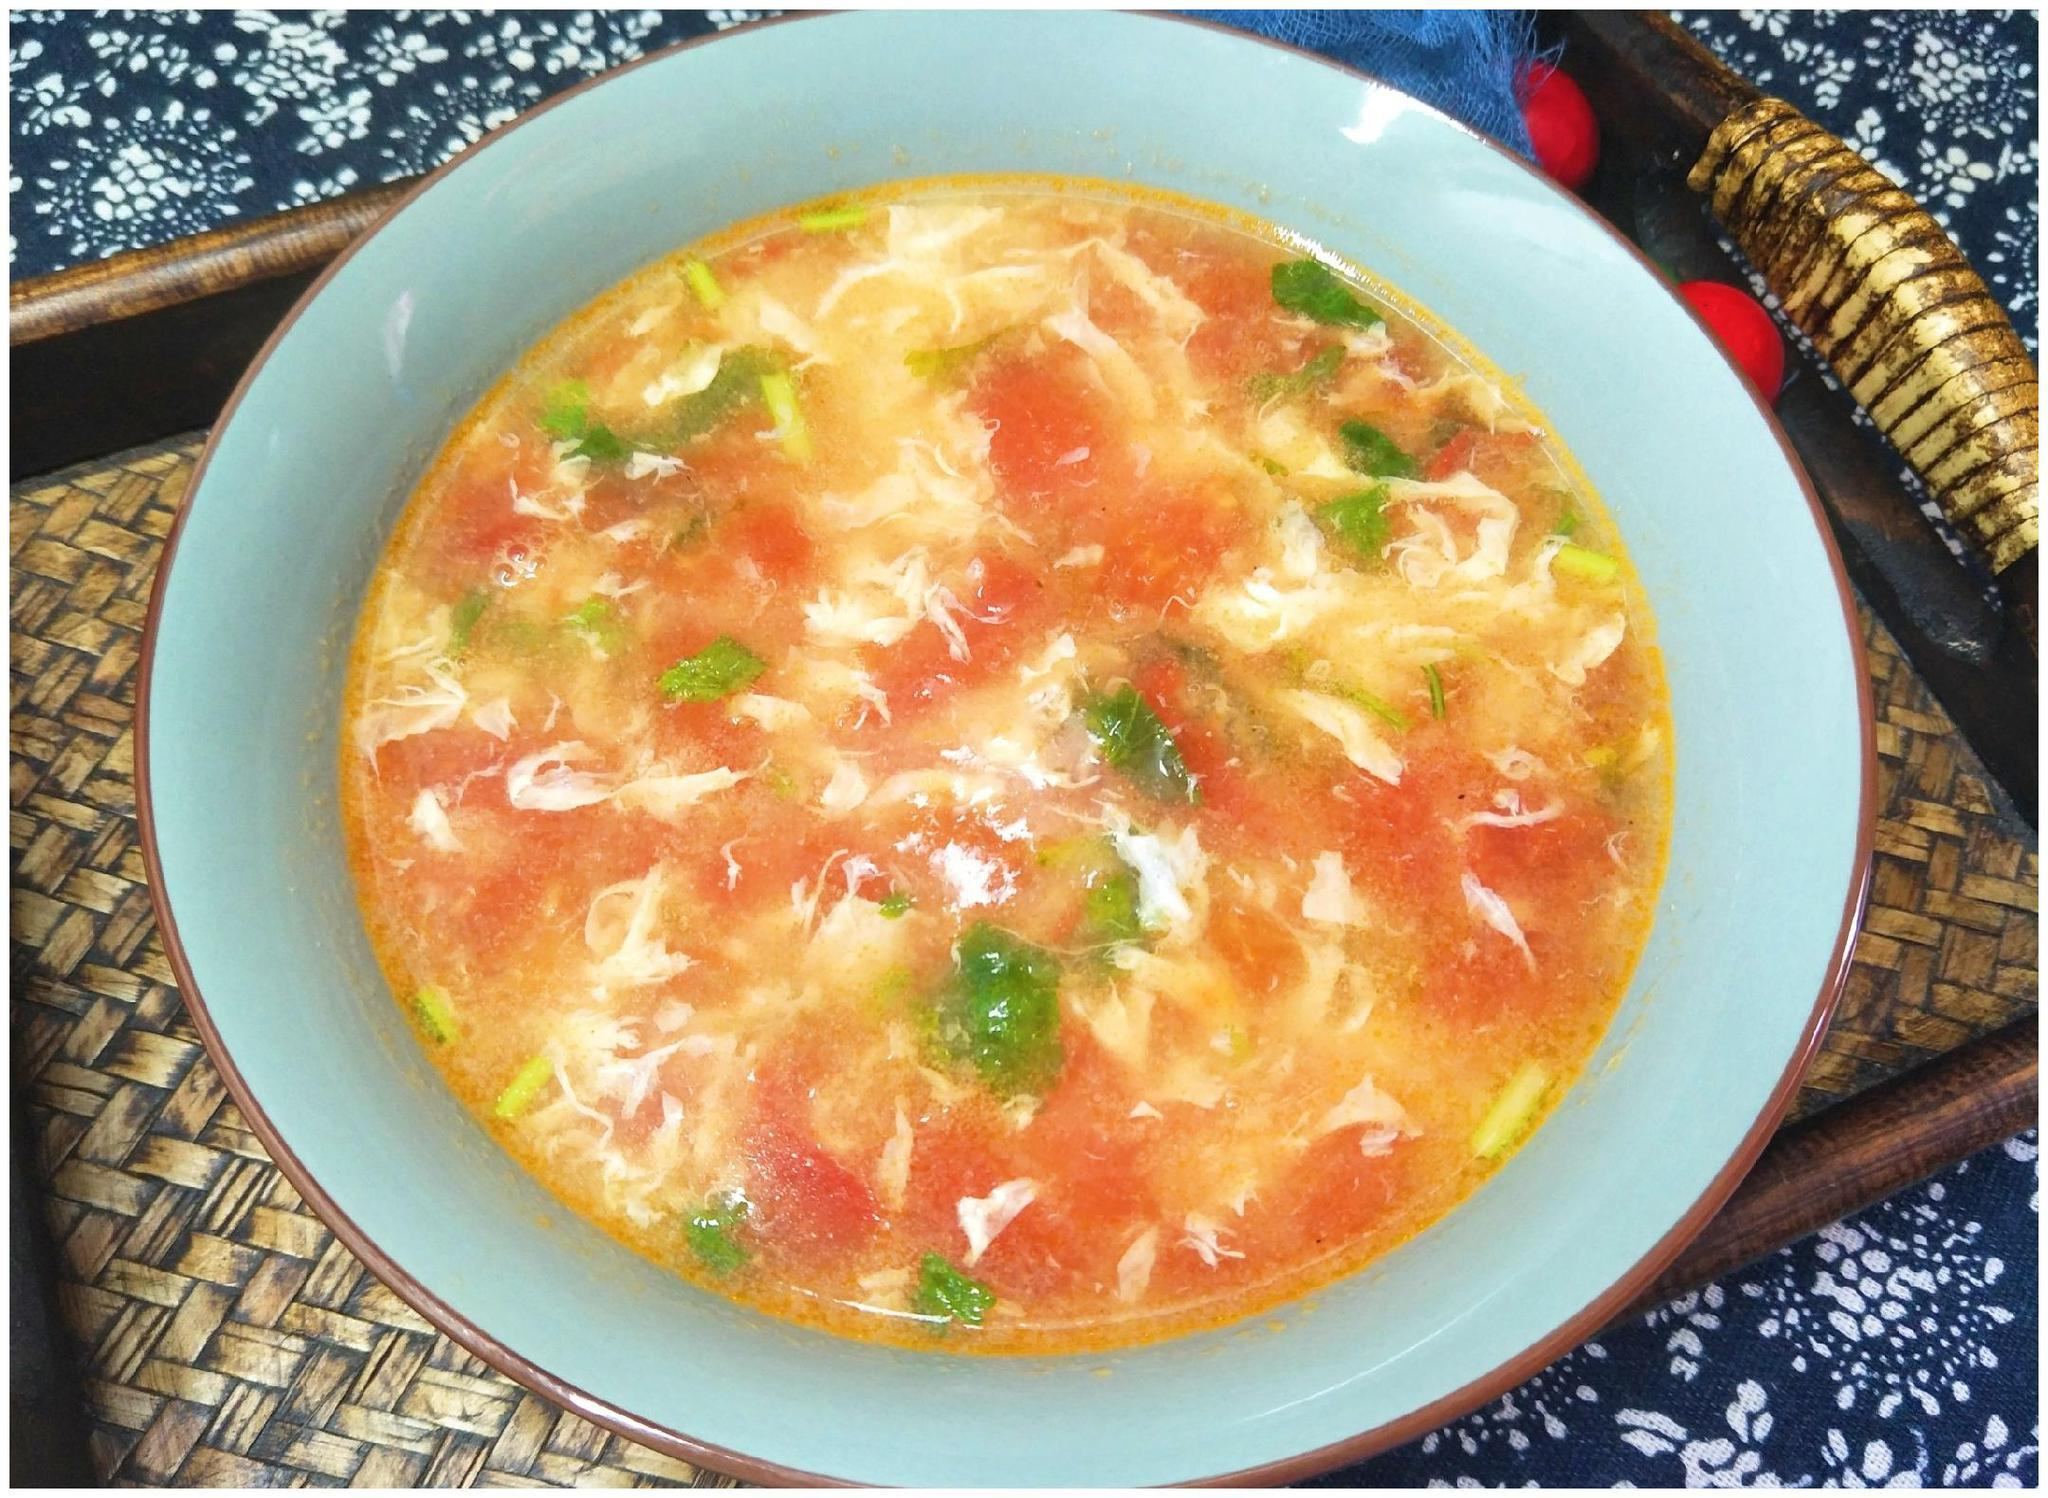 秋天天冷,就爱喝1碗鸡蛋汤,教你1个做法,西红柿汁多蛋花薄